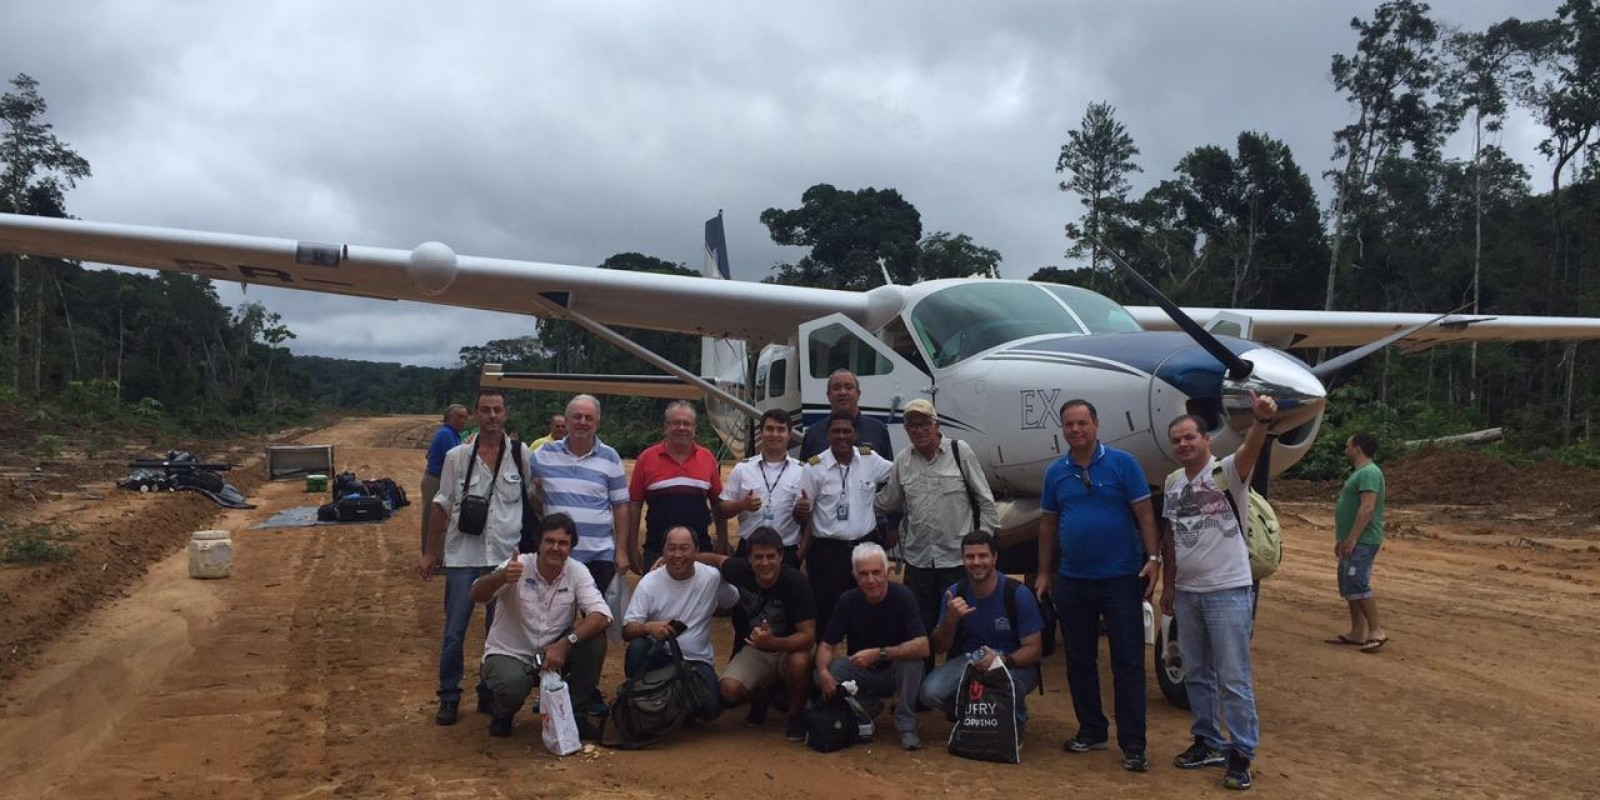 Pousada PiraAçu - Rio Aripuanã - 16 pessoas - Foto 4 de 15